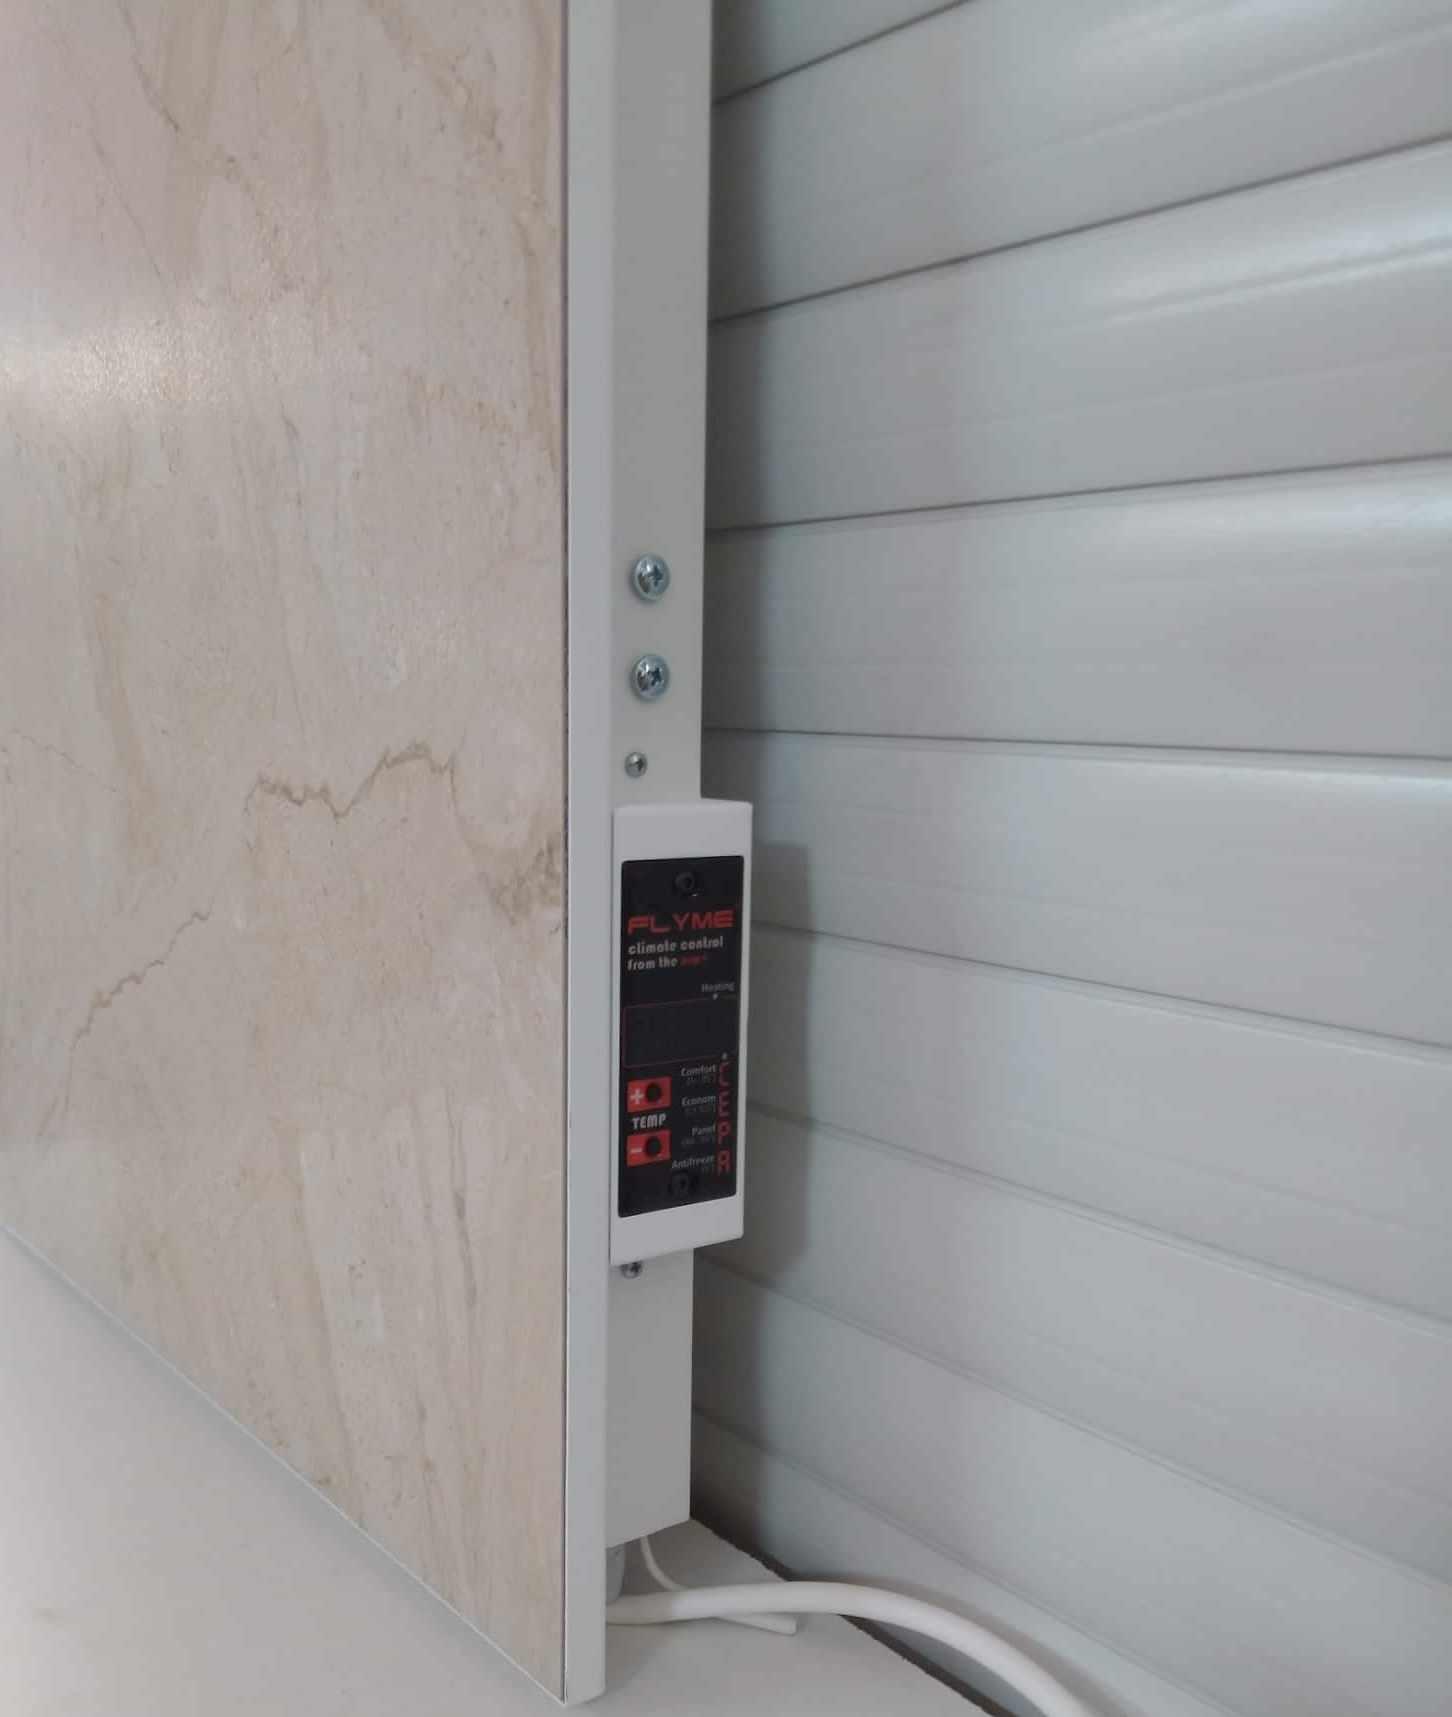 Цифровой терморегулятор керамической панели Флайм можно купить в Киеве